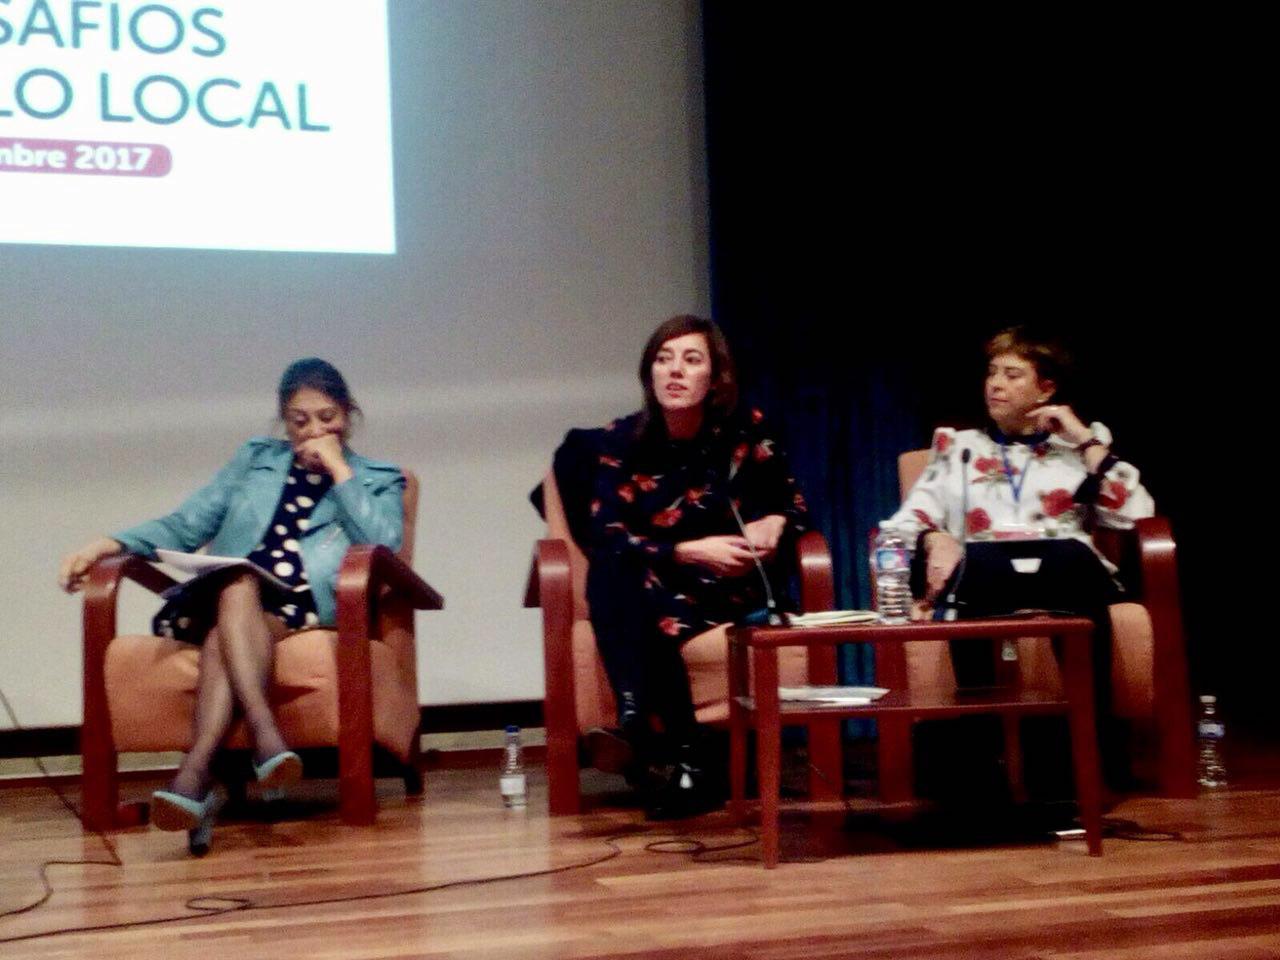 Santiago comparte no Congreso REDEL as experiencias locais en economía circular